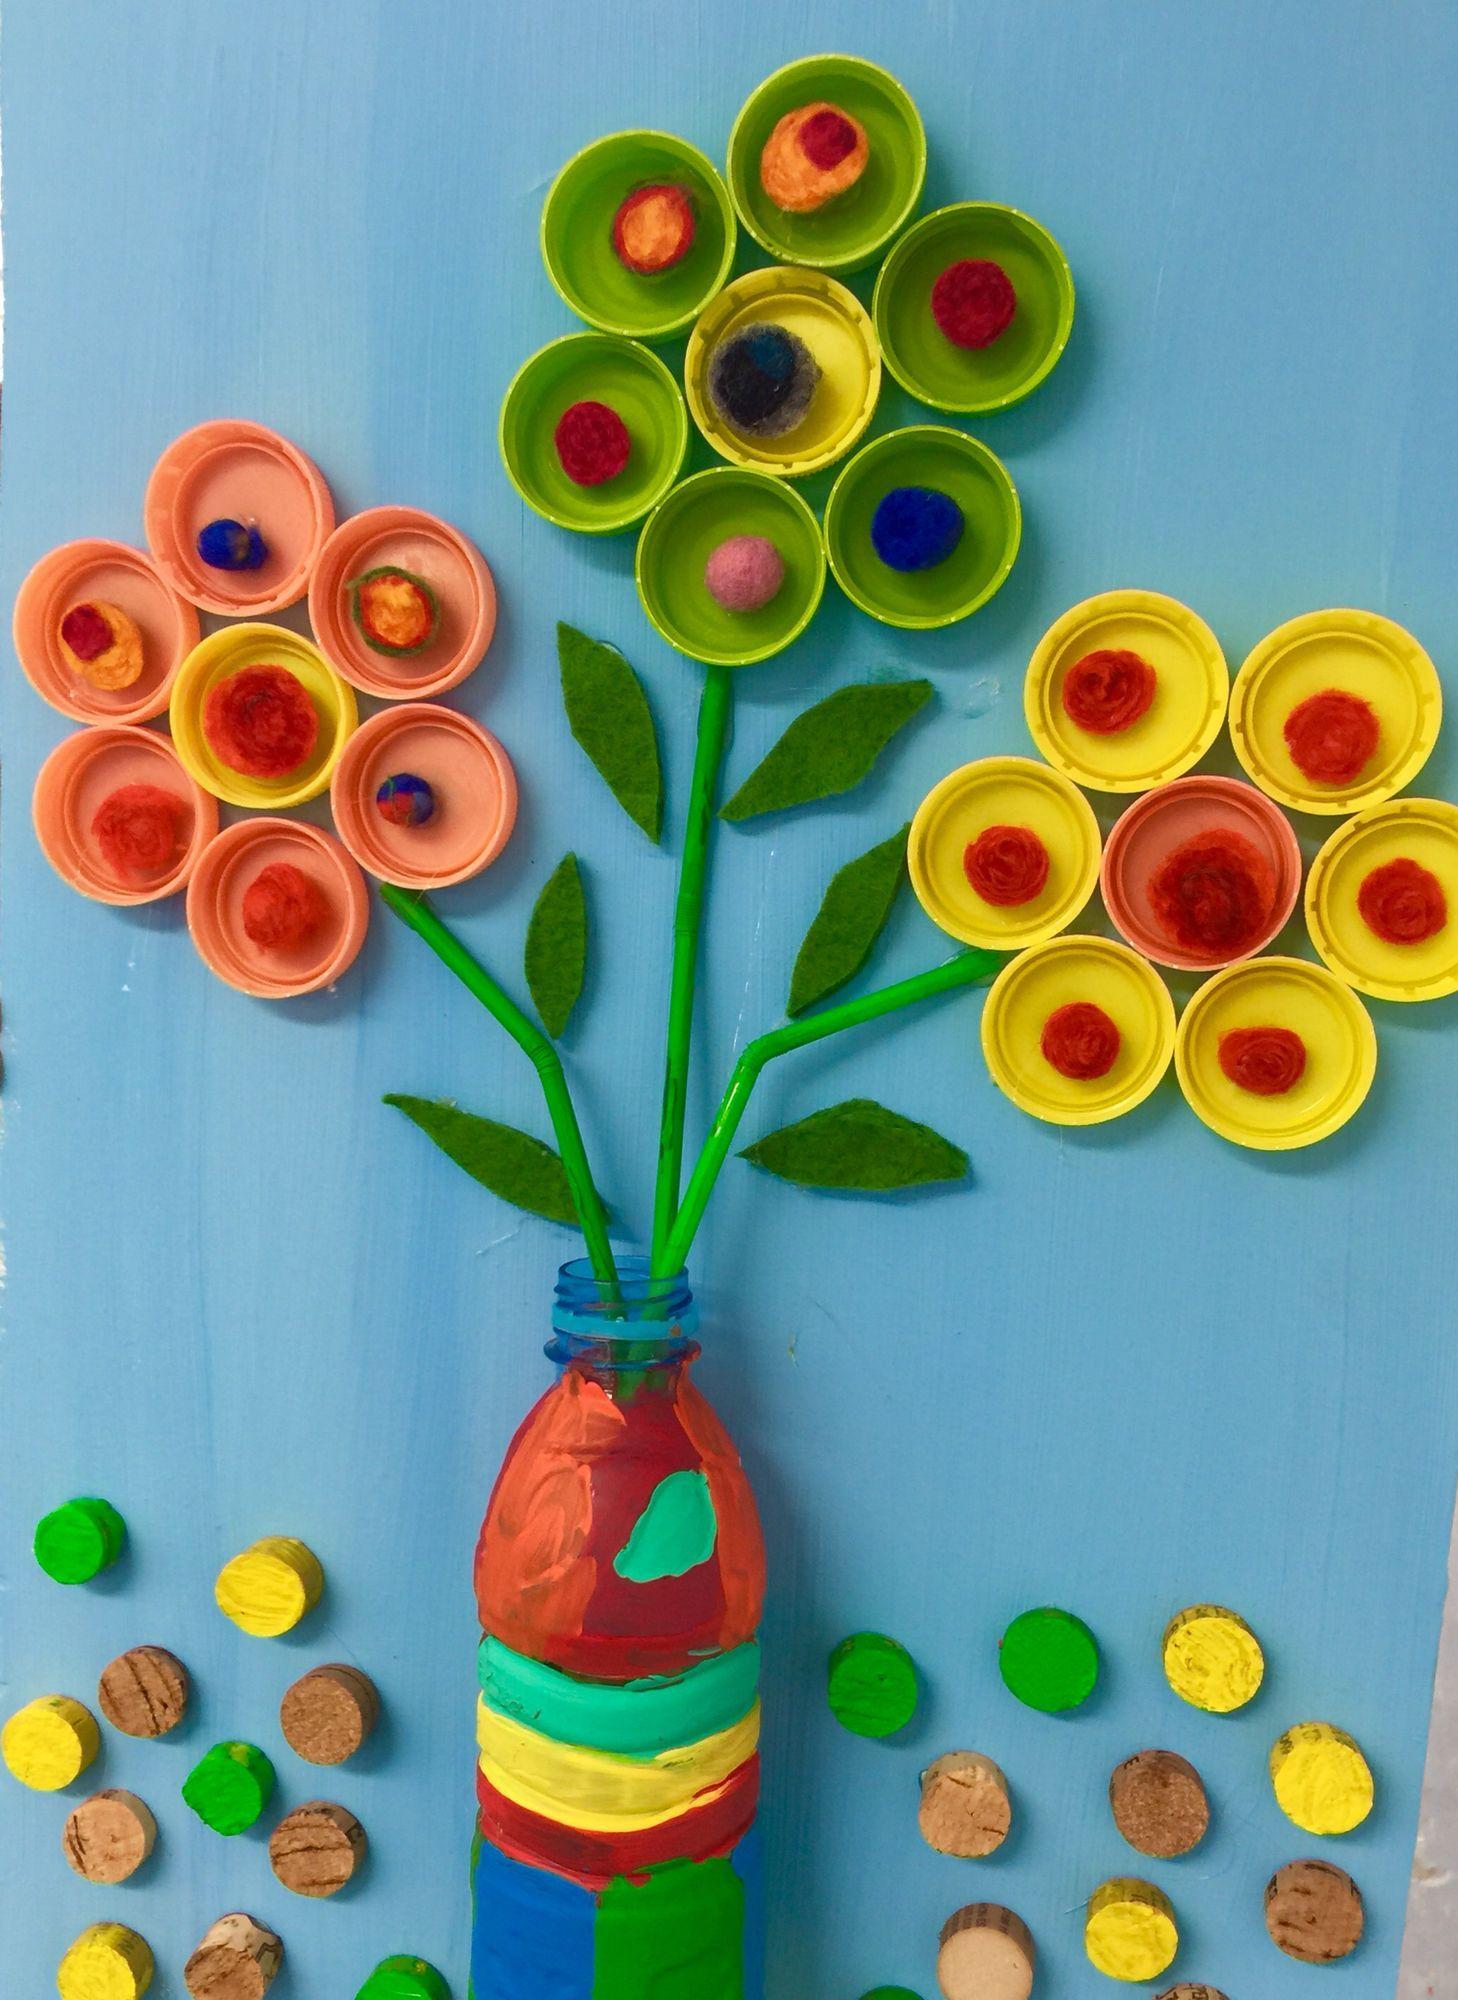 Bricolage Printemps Recyclage Idee Cadeau En 2020 Bricolage